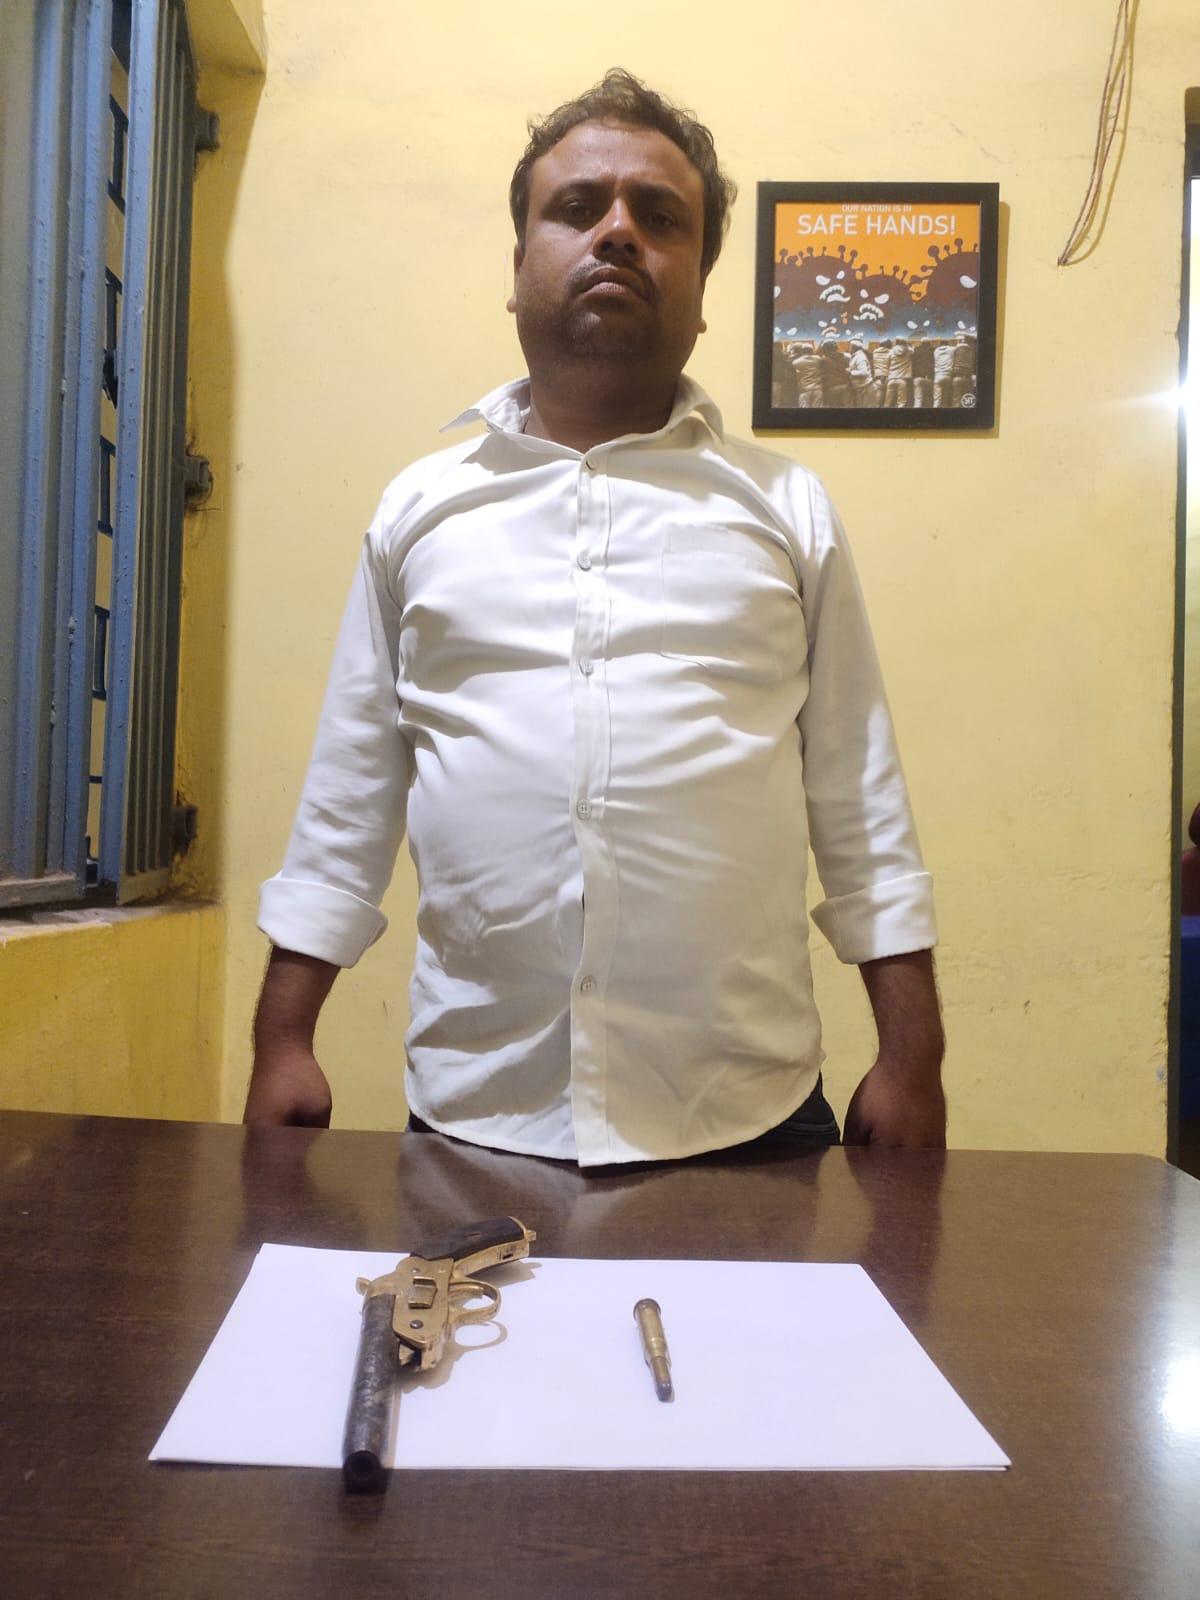 आसाराम बापू के आश्रम का केयर टेकर गिरफ्तार